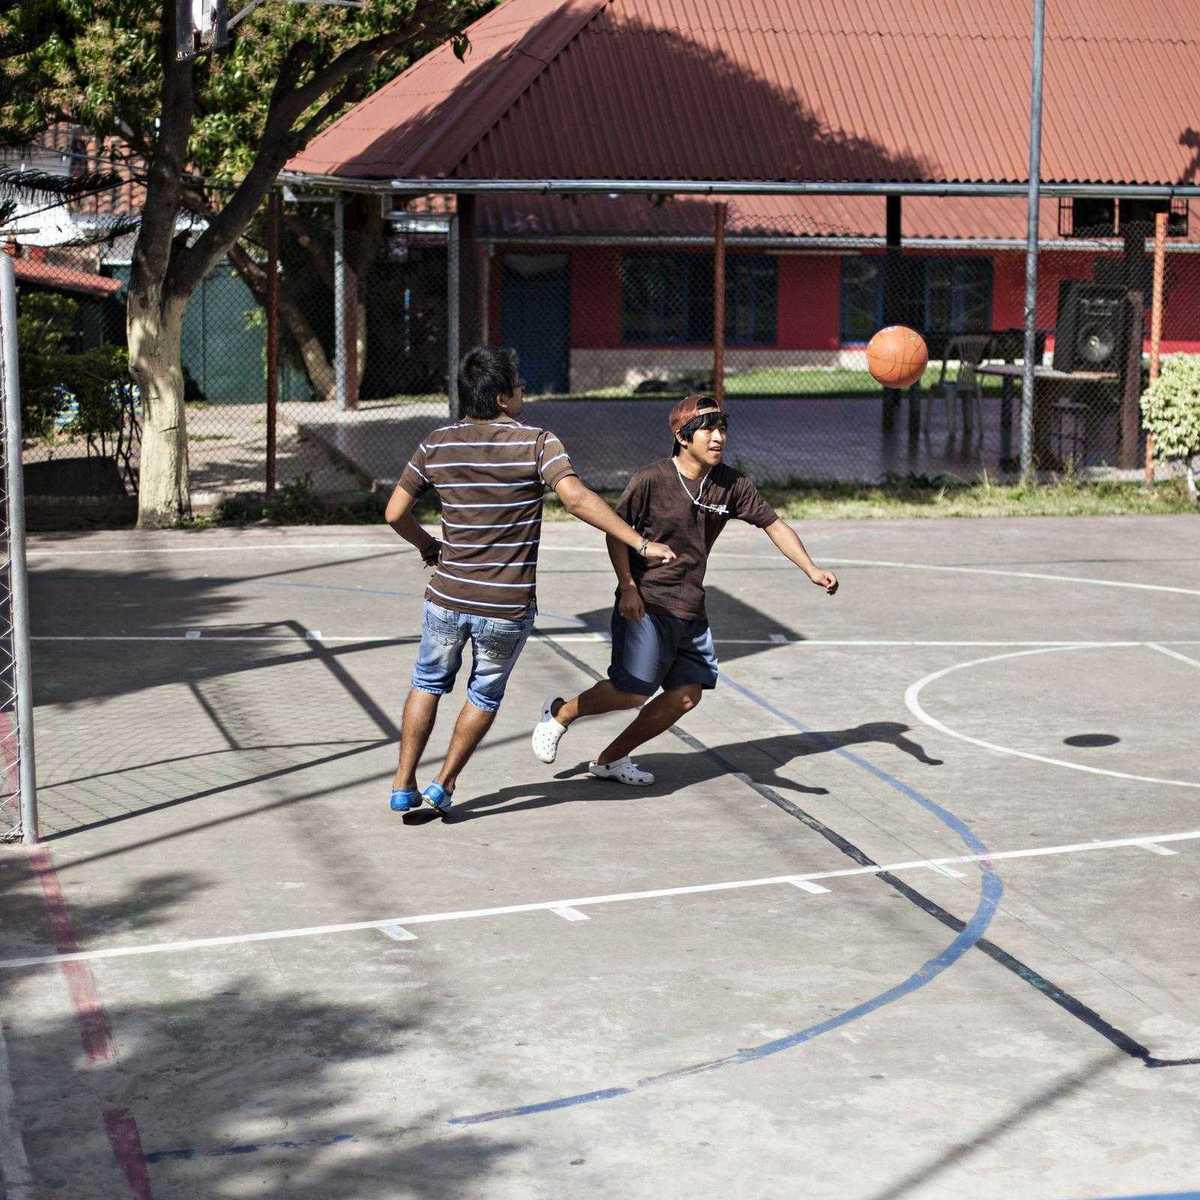 Zwei Jugendliche beim Fußballspielen im Heim